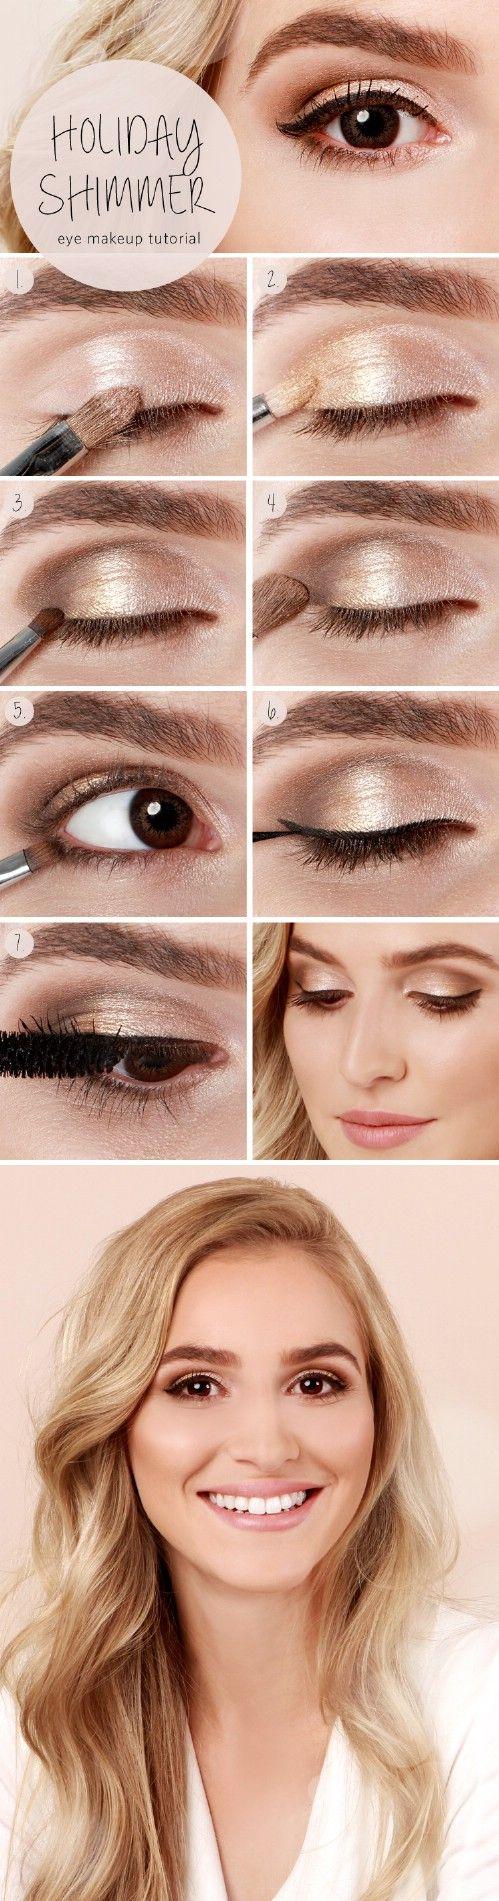 Sutil Shimmer - 10 Ideas de maquillaje con estilo festivo de Navidad